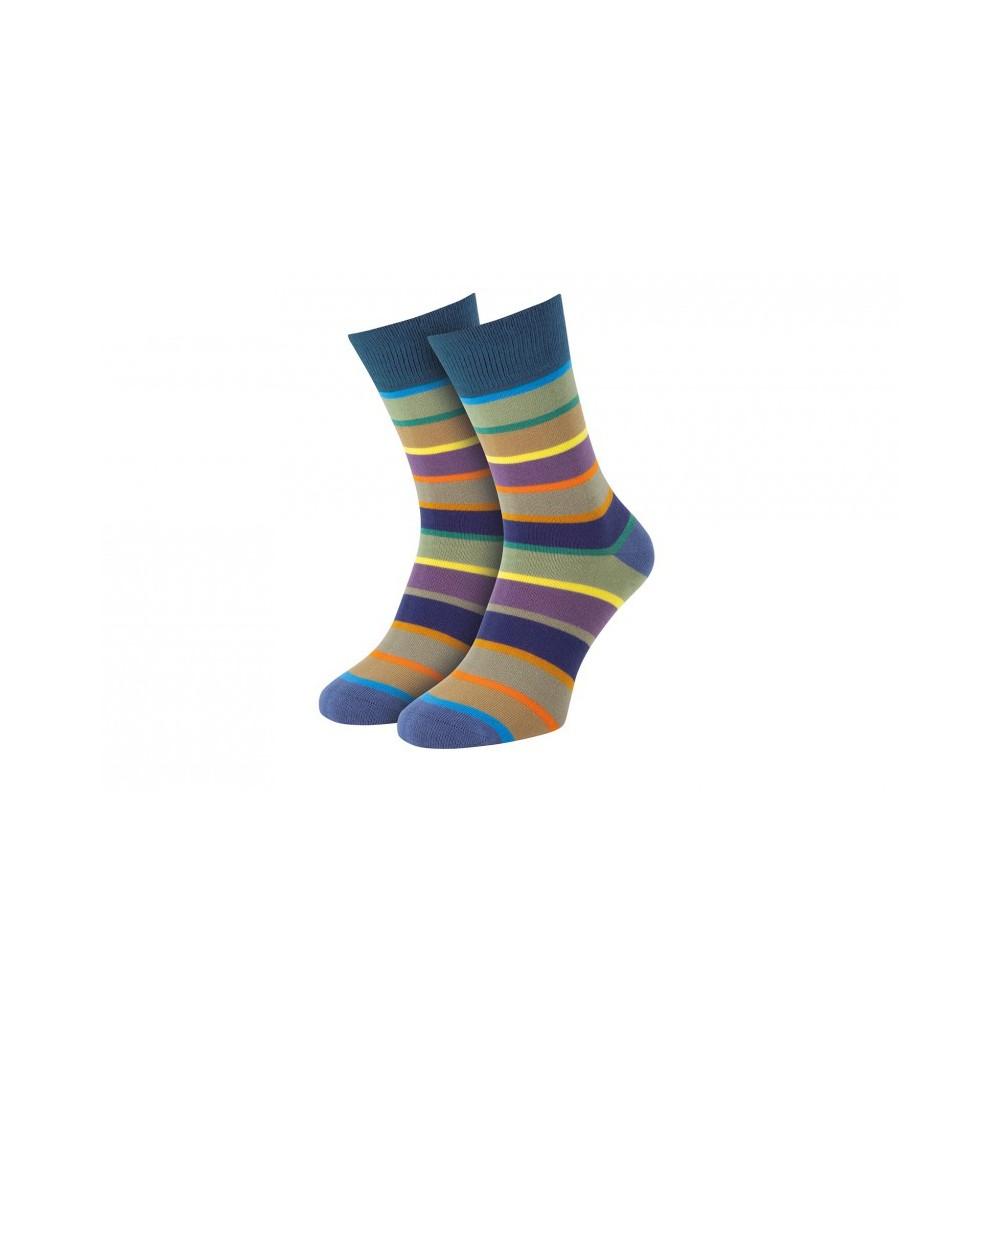 Socken bunt, Herren von Remember